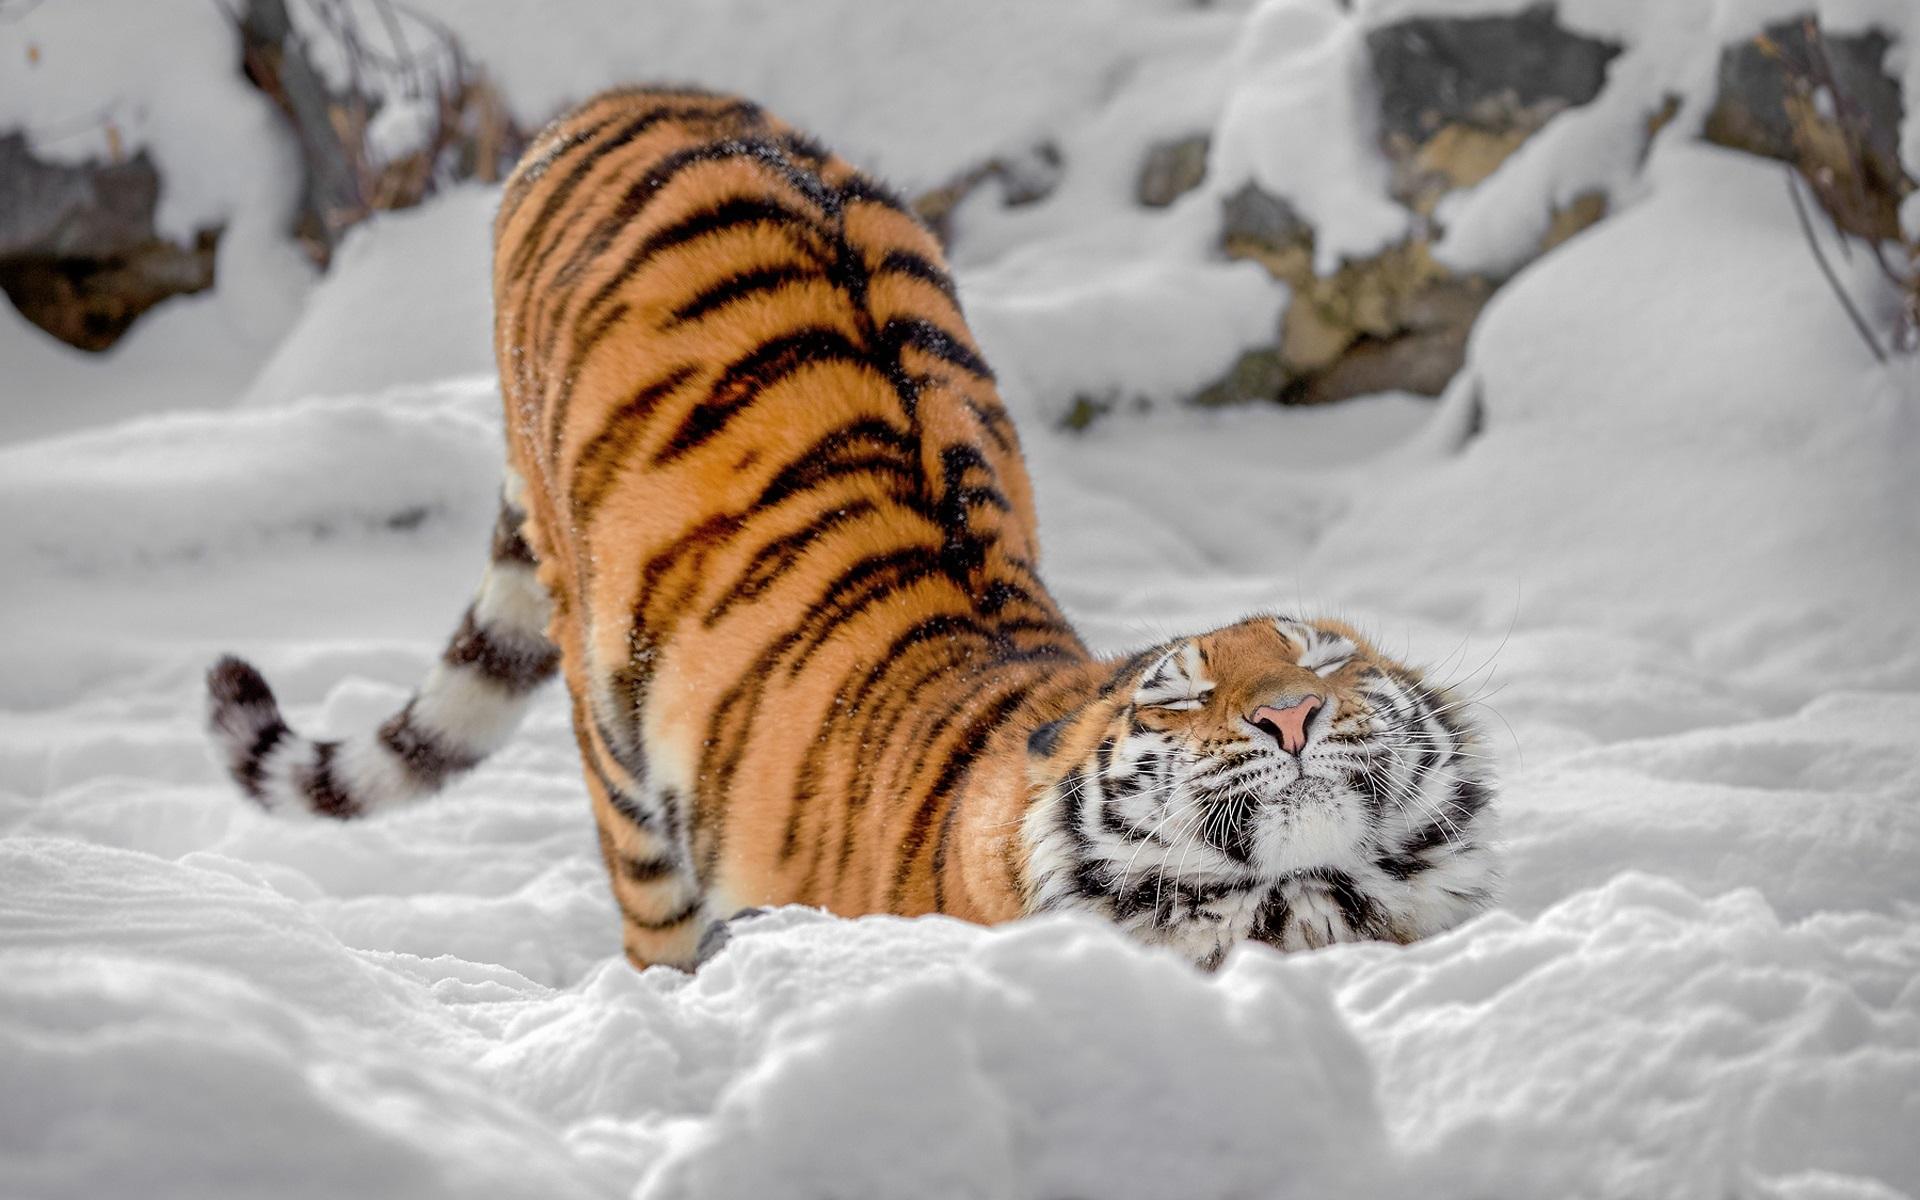 тигр фото добрый клиентов, услугами которых